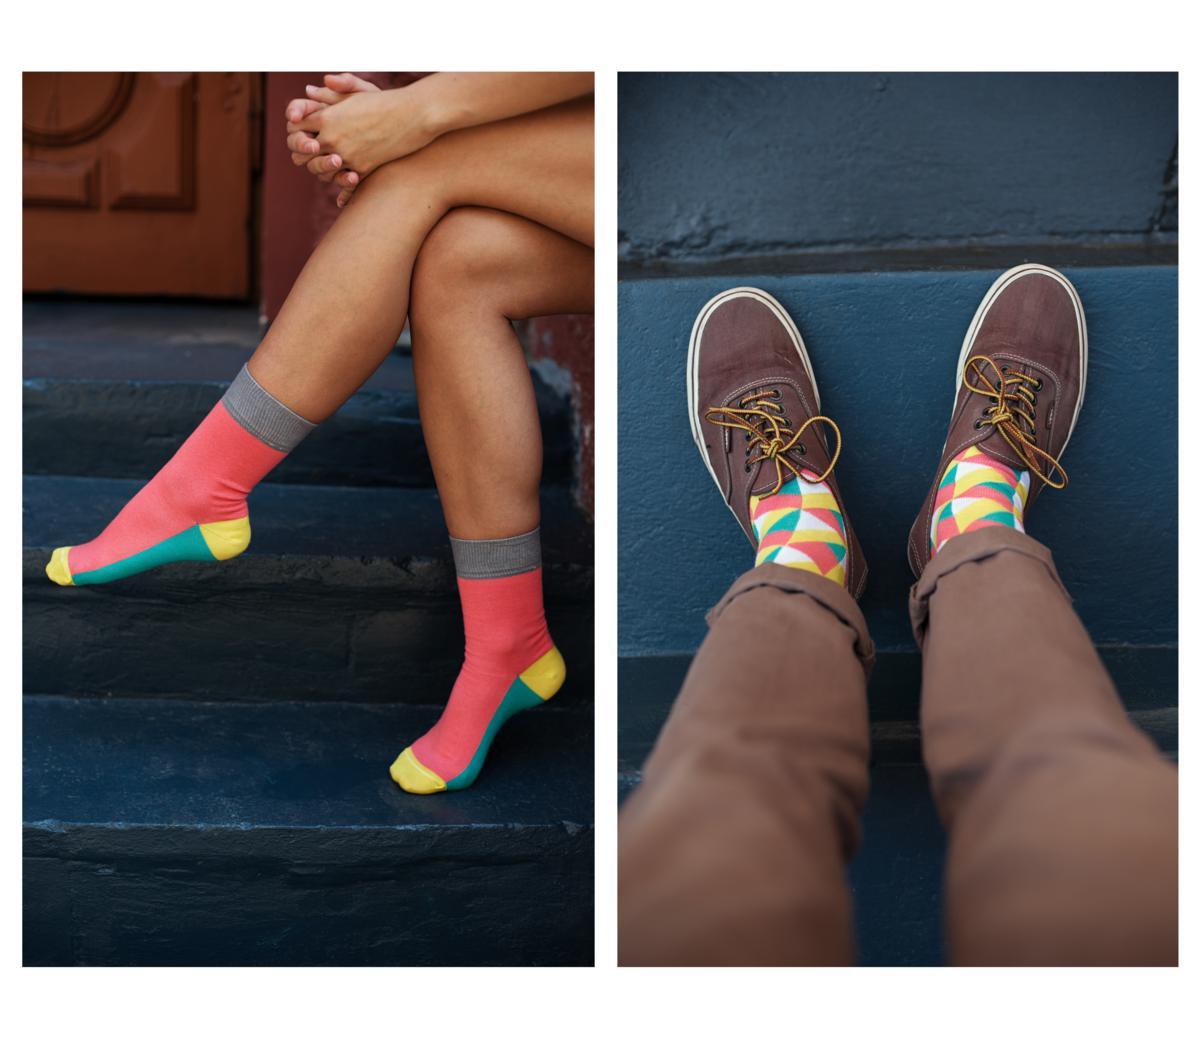 Розовые носки Sammy Icon с разноцветным узором на ногах